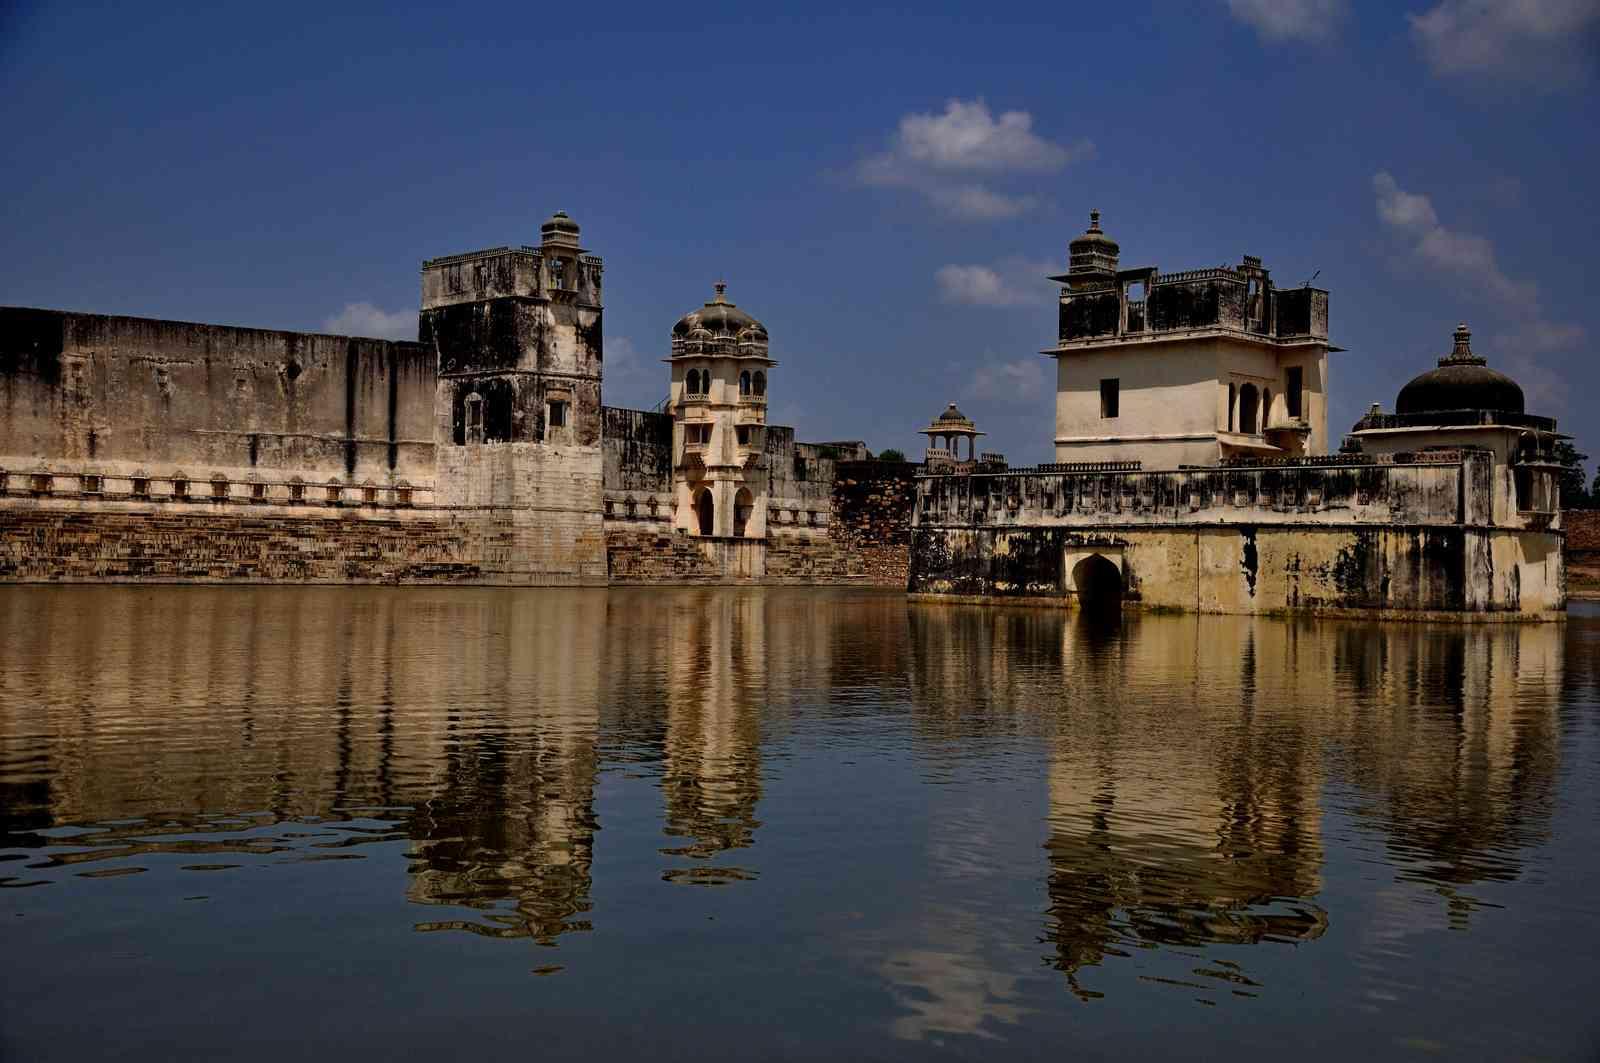 padmini palace chittorgarh